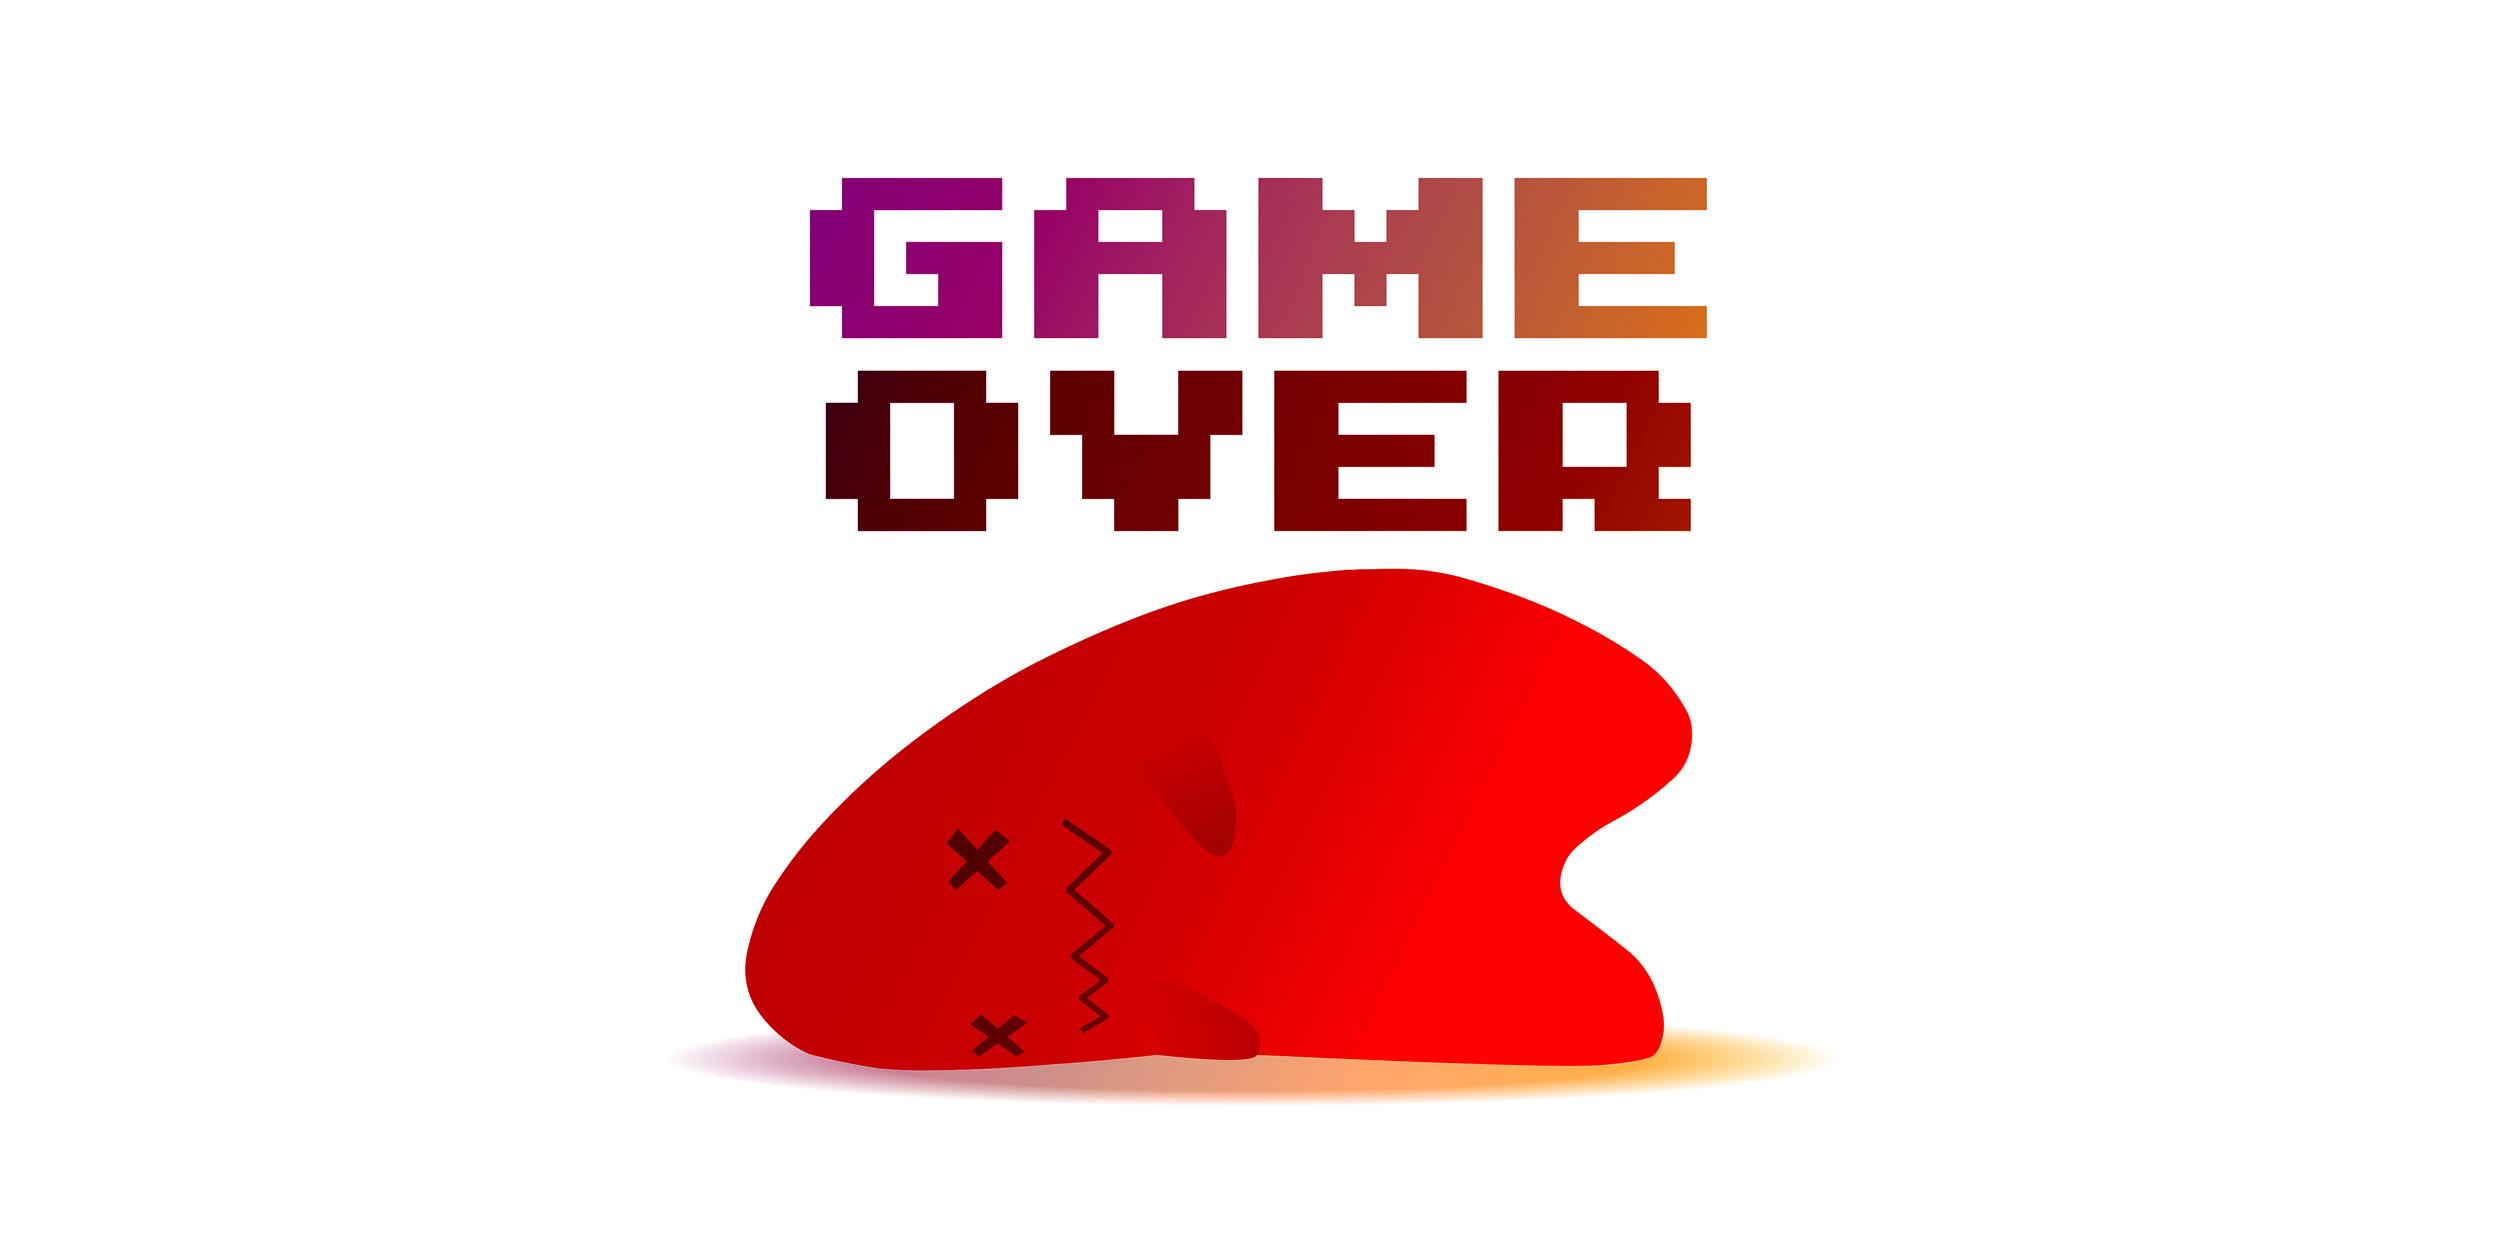 gameover-instagram-like-bot-algoritmo